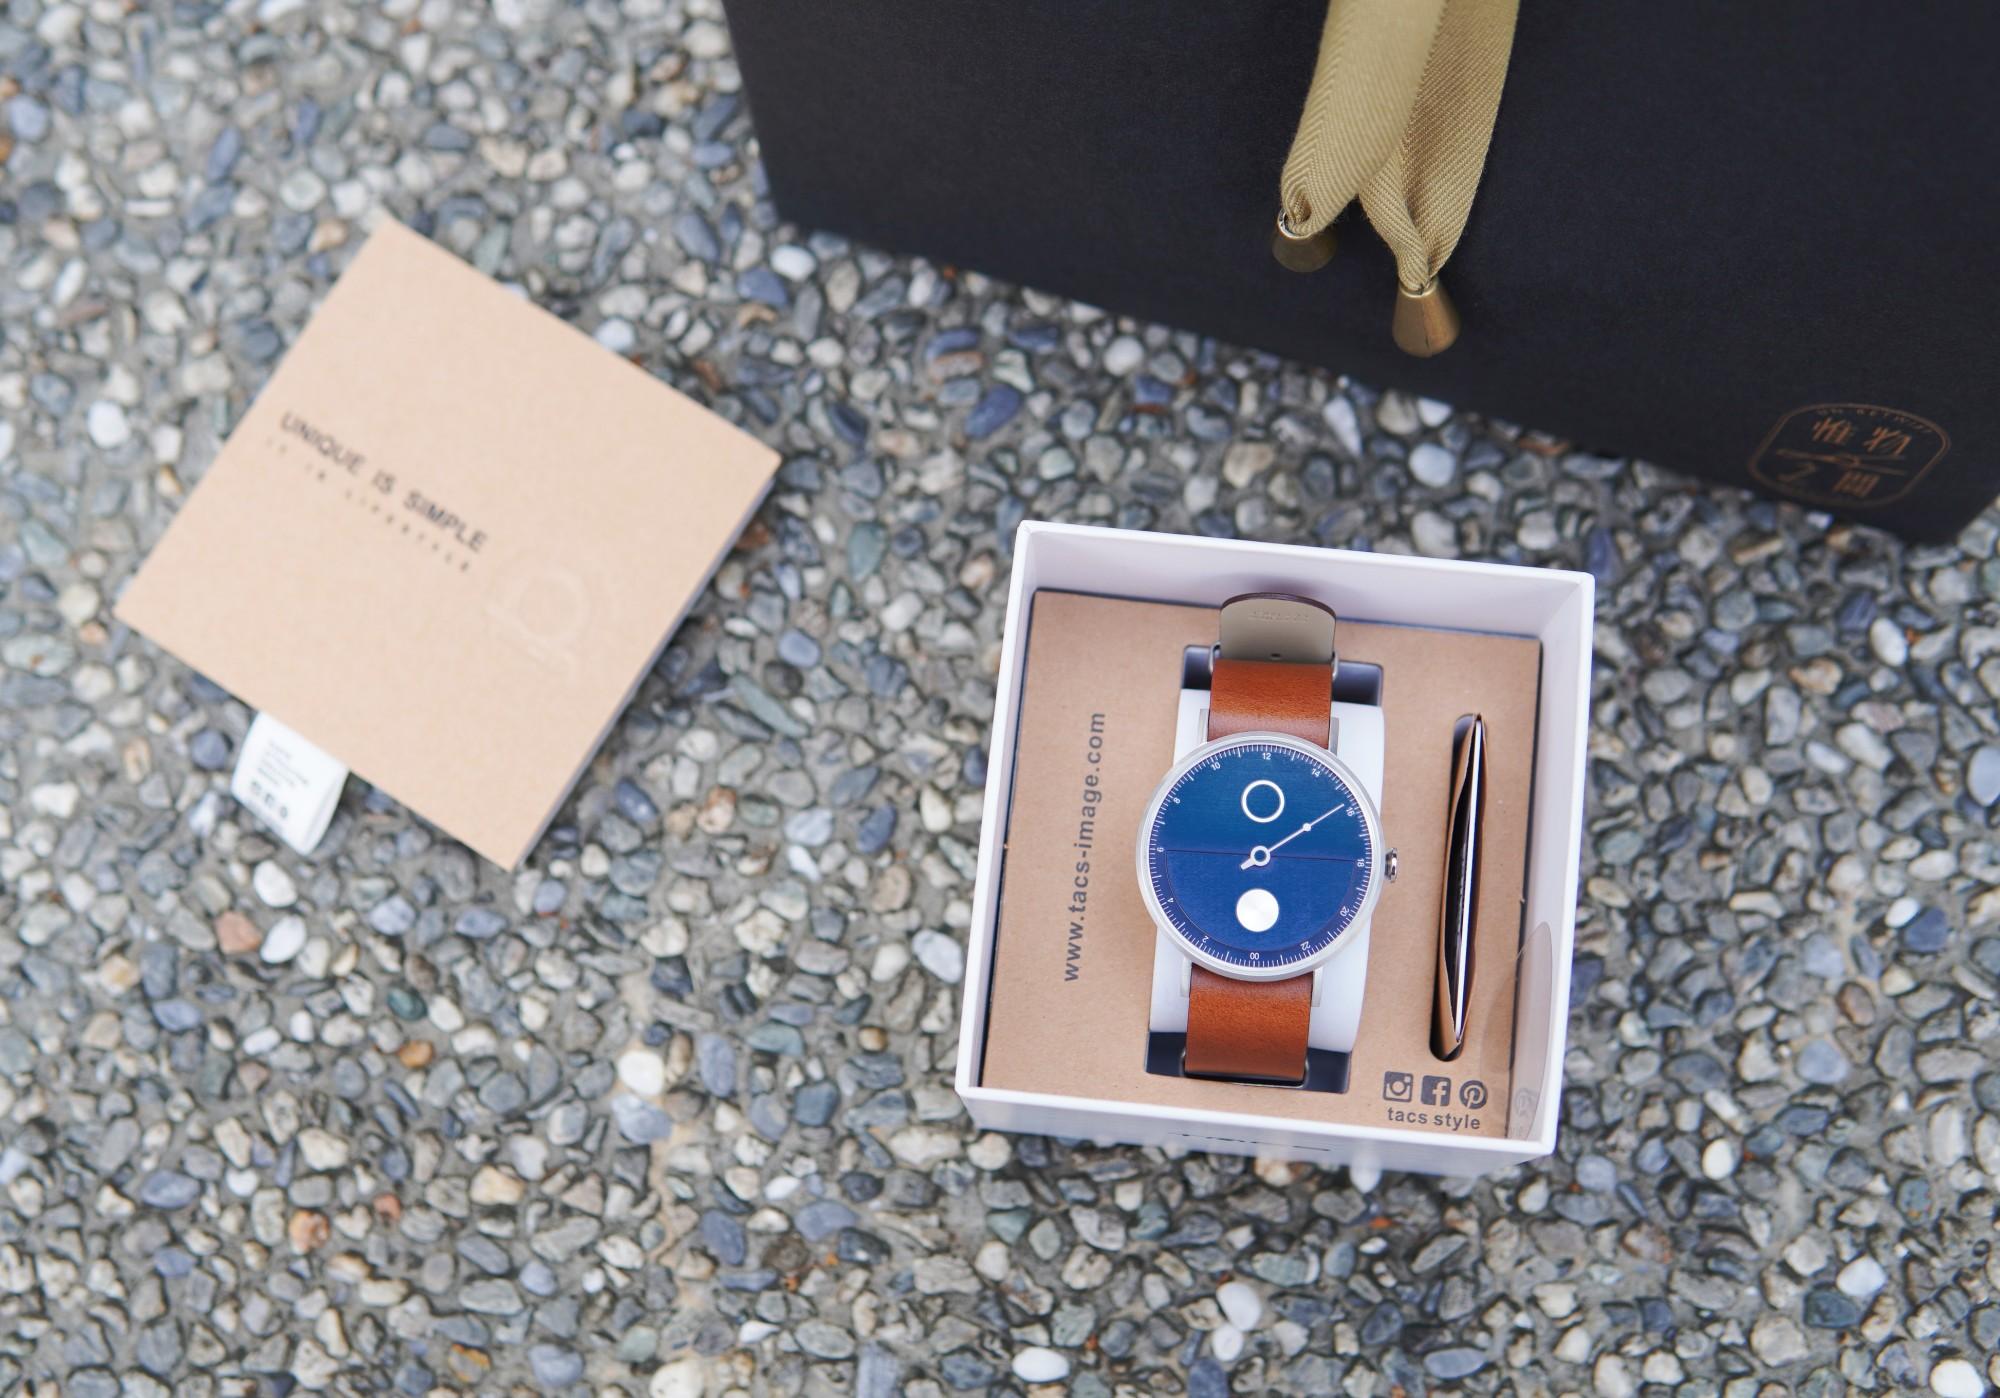 即時熱門文章:☆【精品】TACS 晝與夜DAY & NIGHT-日暮藍。設計師手錶開箱